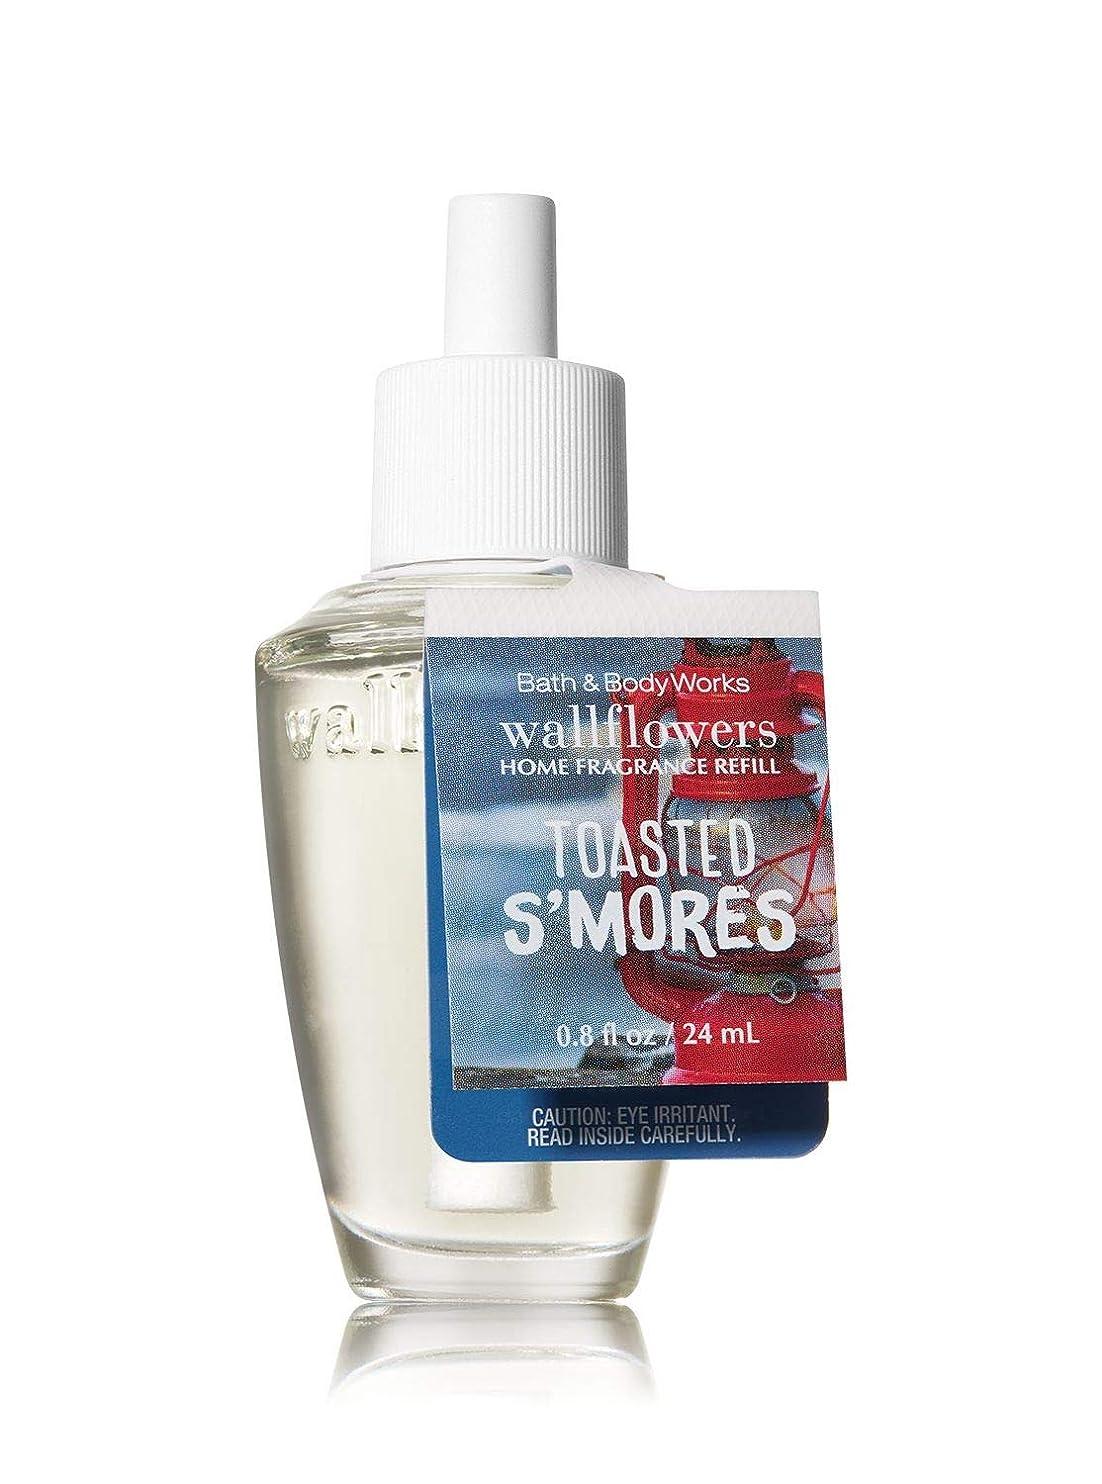 卑しい謎延期する【Bath&Body Works/バス&ボディワークス】 ルームフレグランス 詰替えリフィル トーストスモア Wallflowers Home Fragrance Refill Toasted S'mores [並行輸入品]